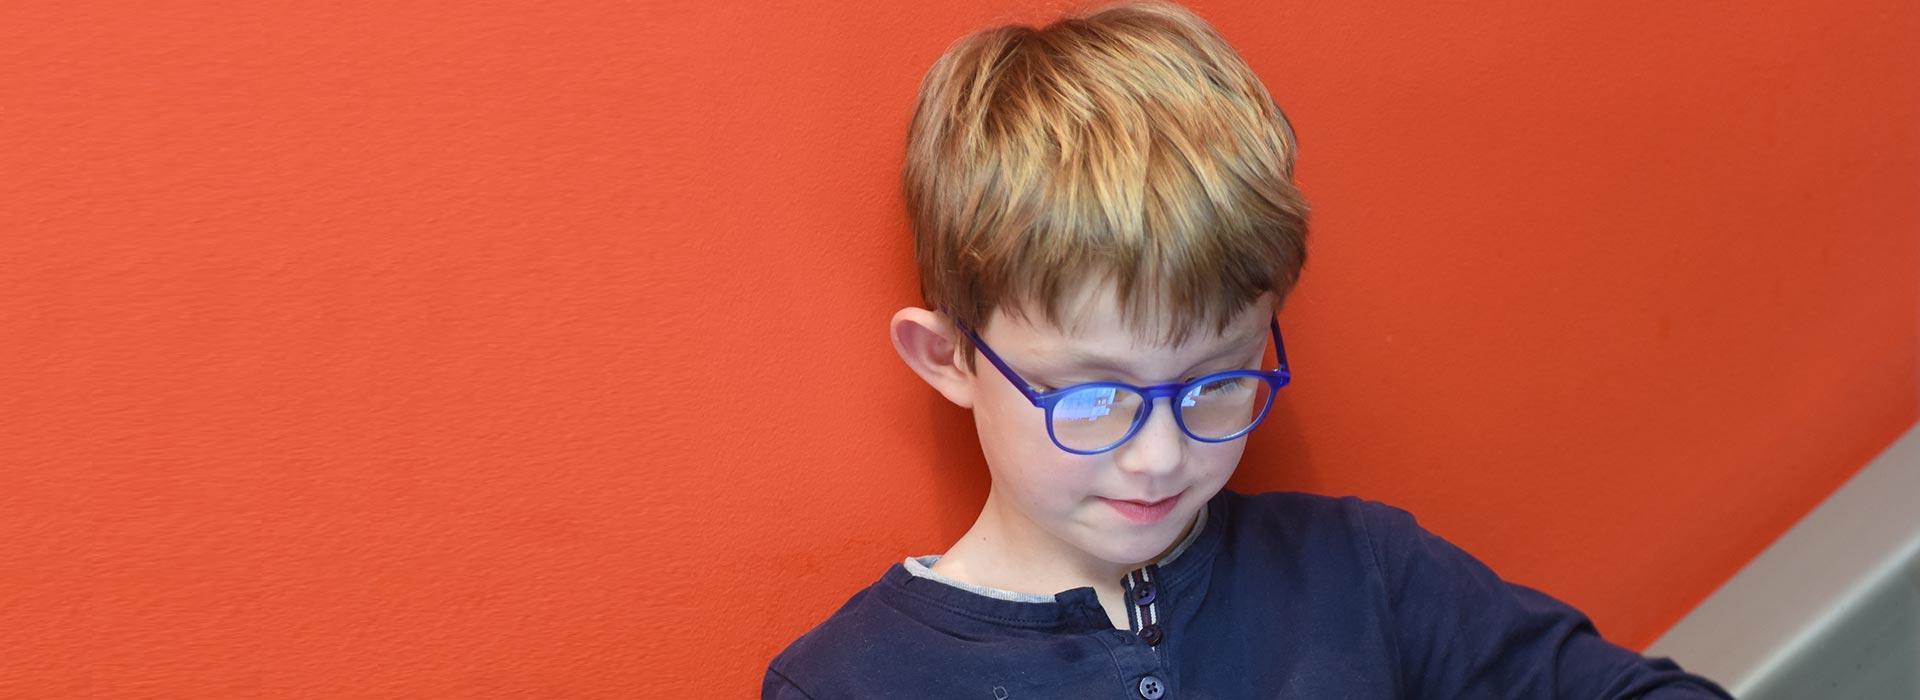 lunettes enfant bleues